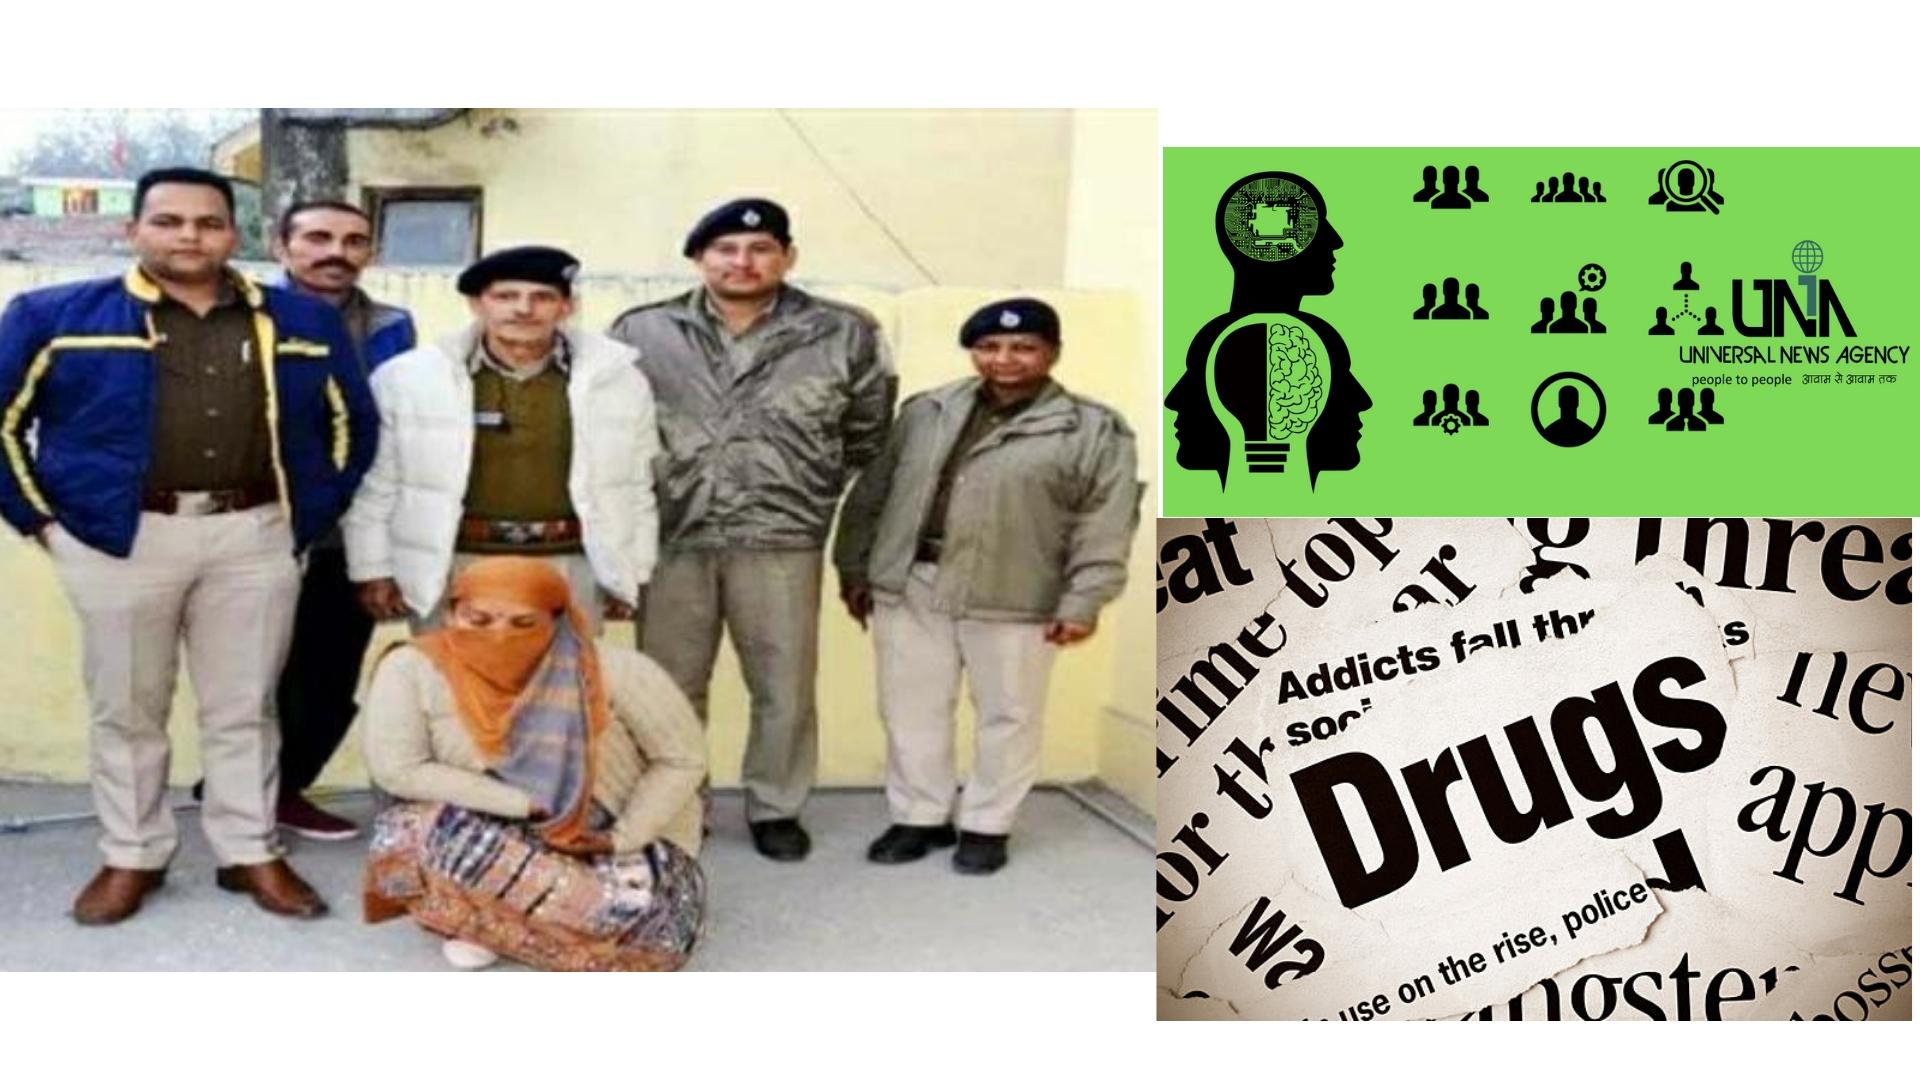 हिमाचल-प्रदेश के जनपद -कुल्लू भन्तर में 715 ग्राम चरस के साथ एक महिला गिरफ्तार